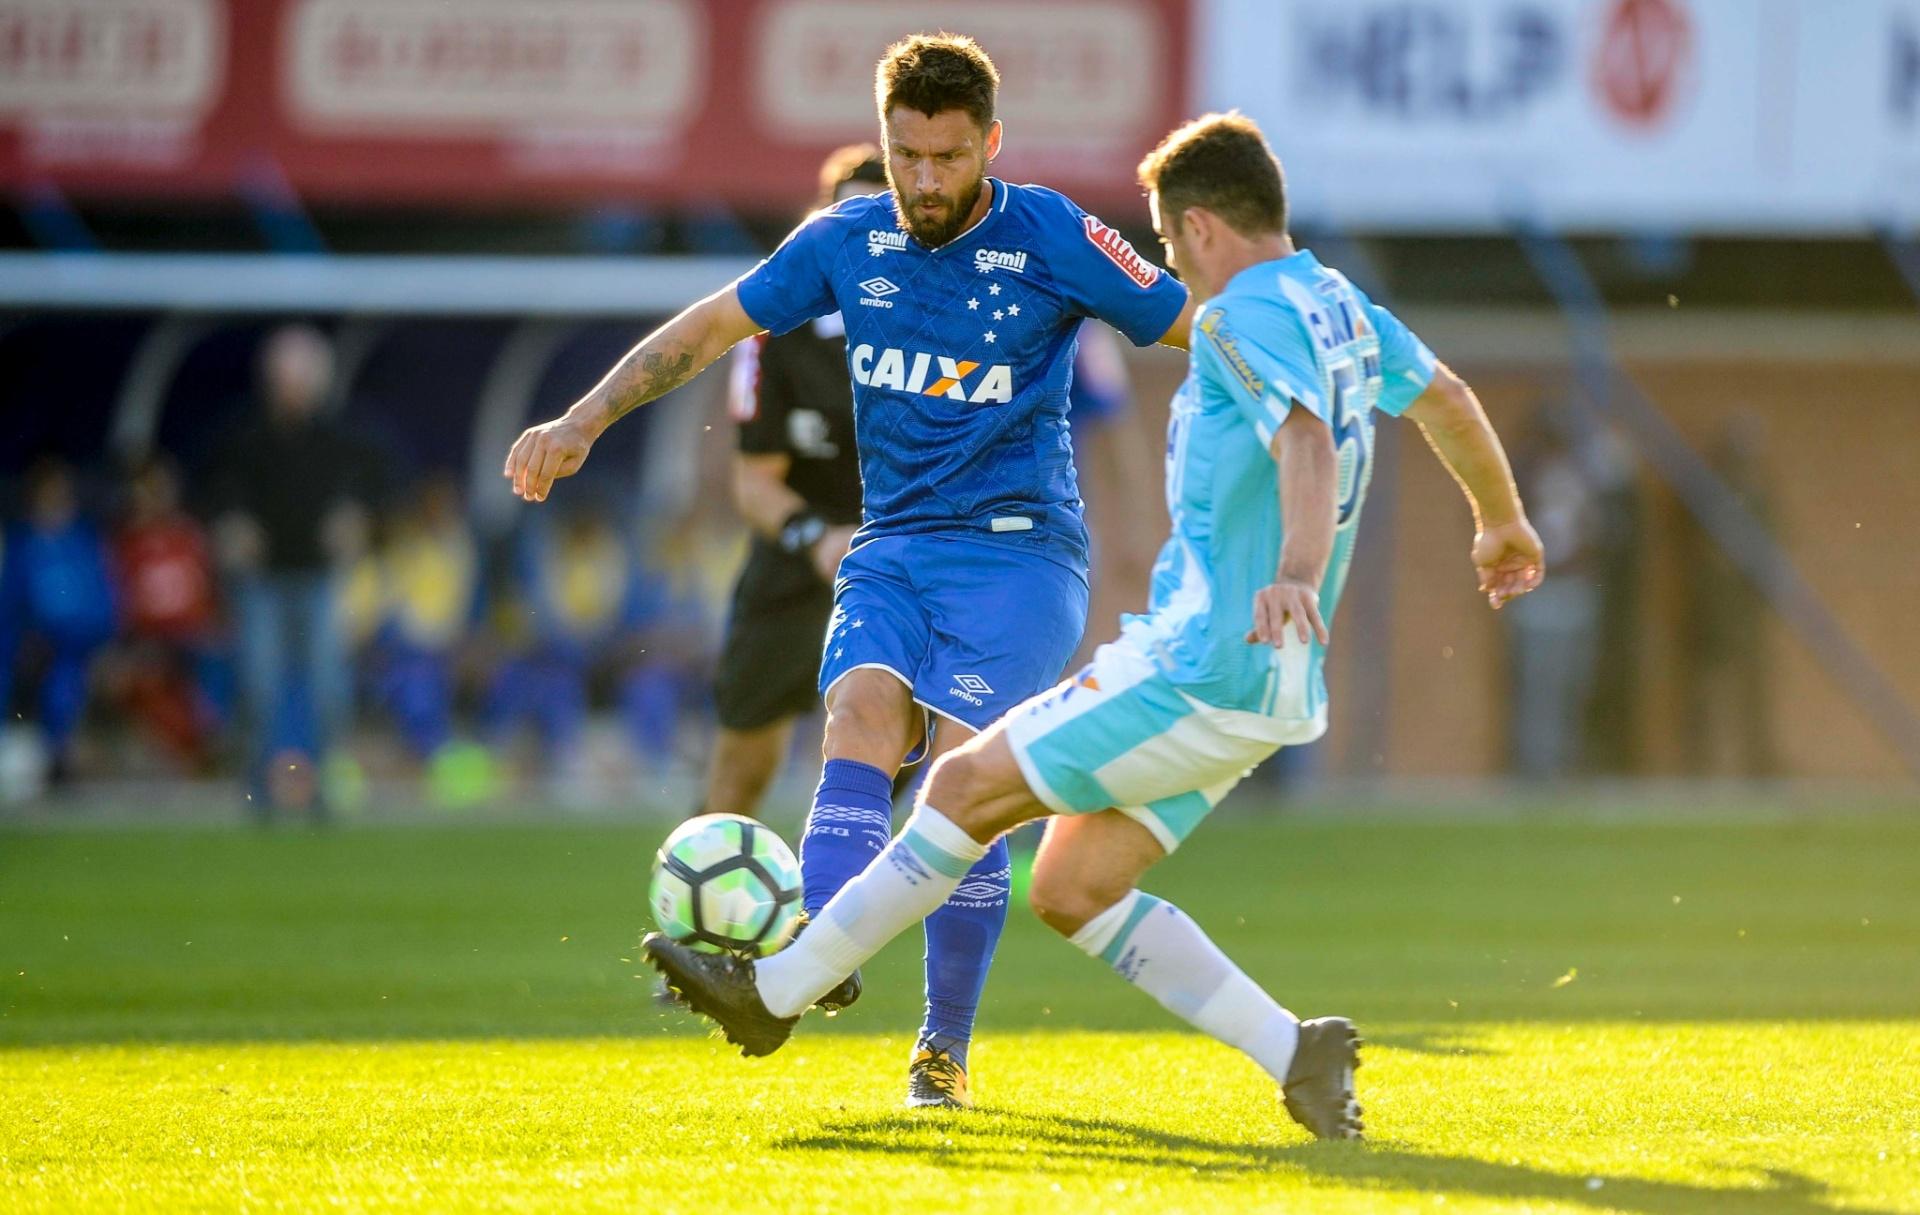 c9944716e6 Avaí respira com vitória simples e impede Cruzeiro de chegar ao G-6 -  23 07 2017 - UOL Esporte